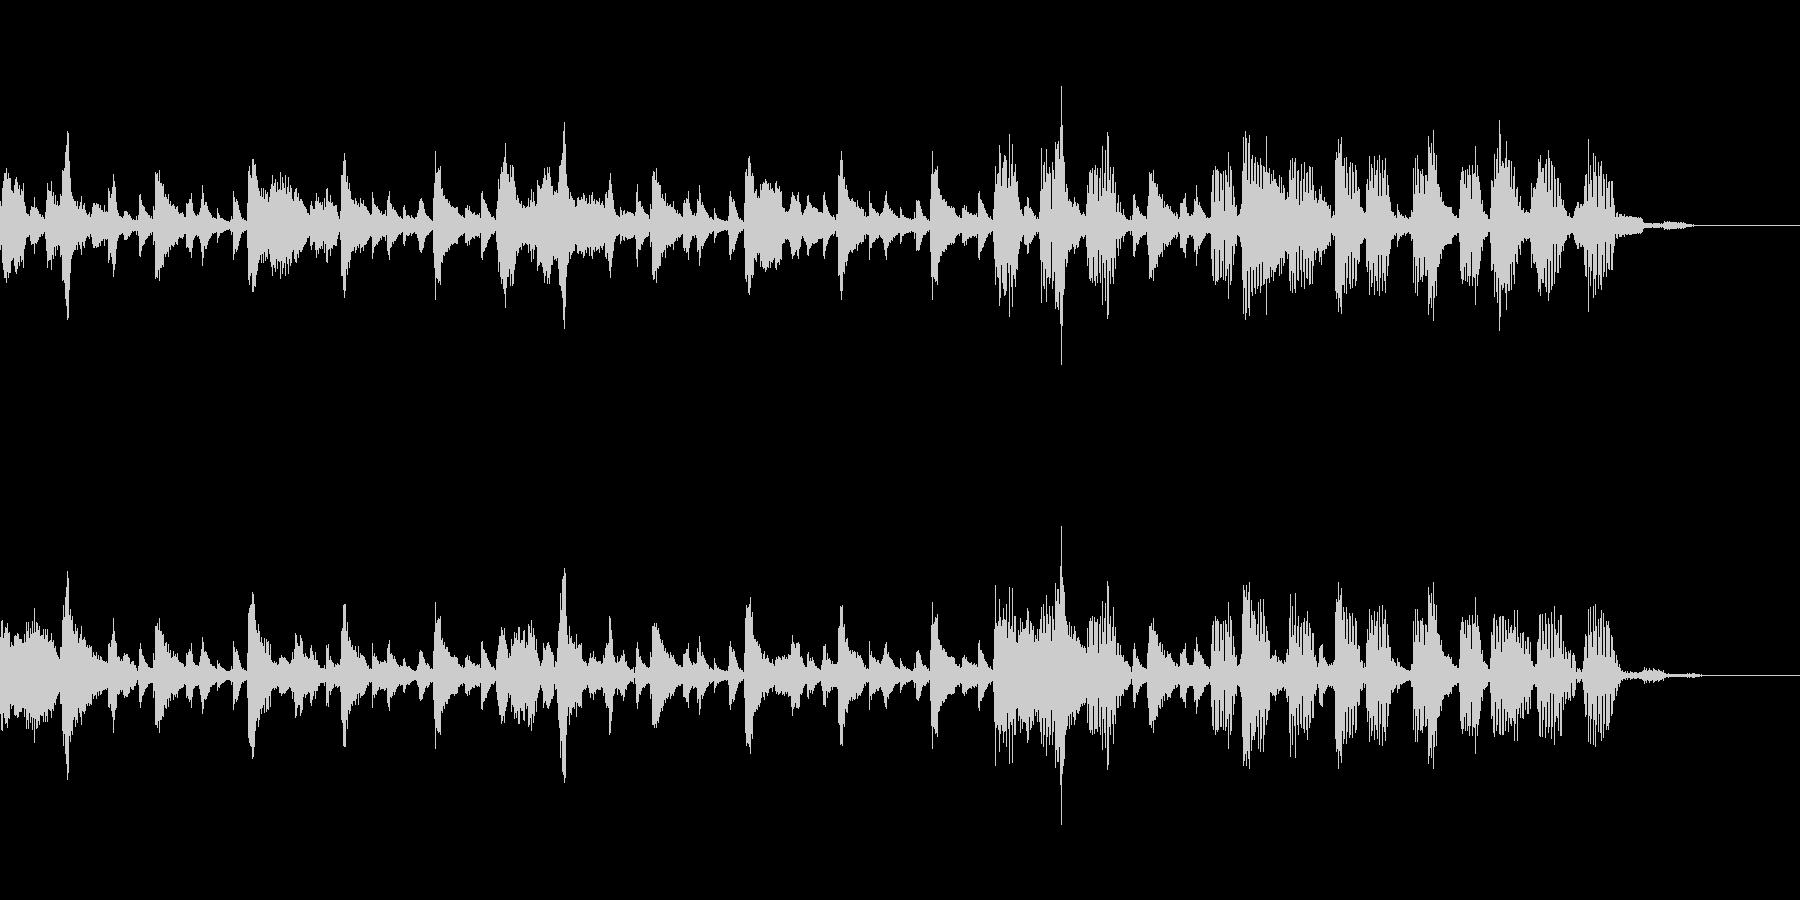 リラックスとしたジャズテイストのBGMの未再生の波形